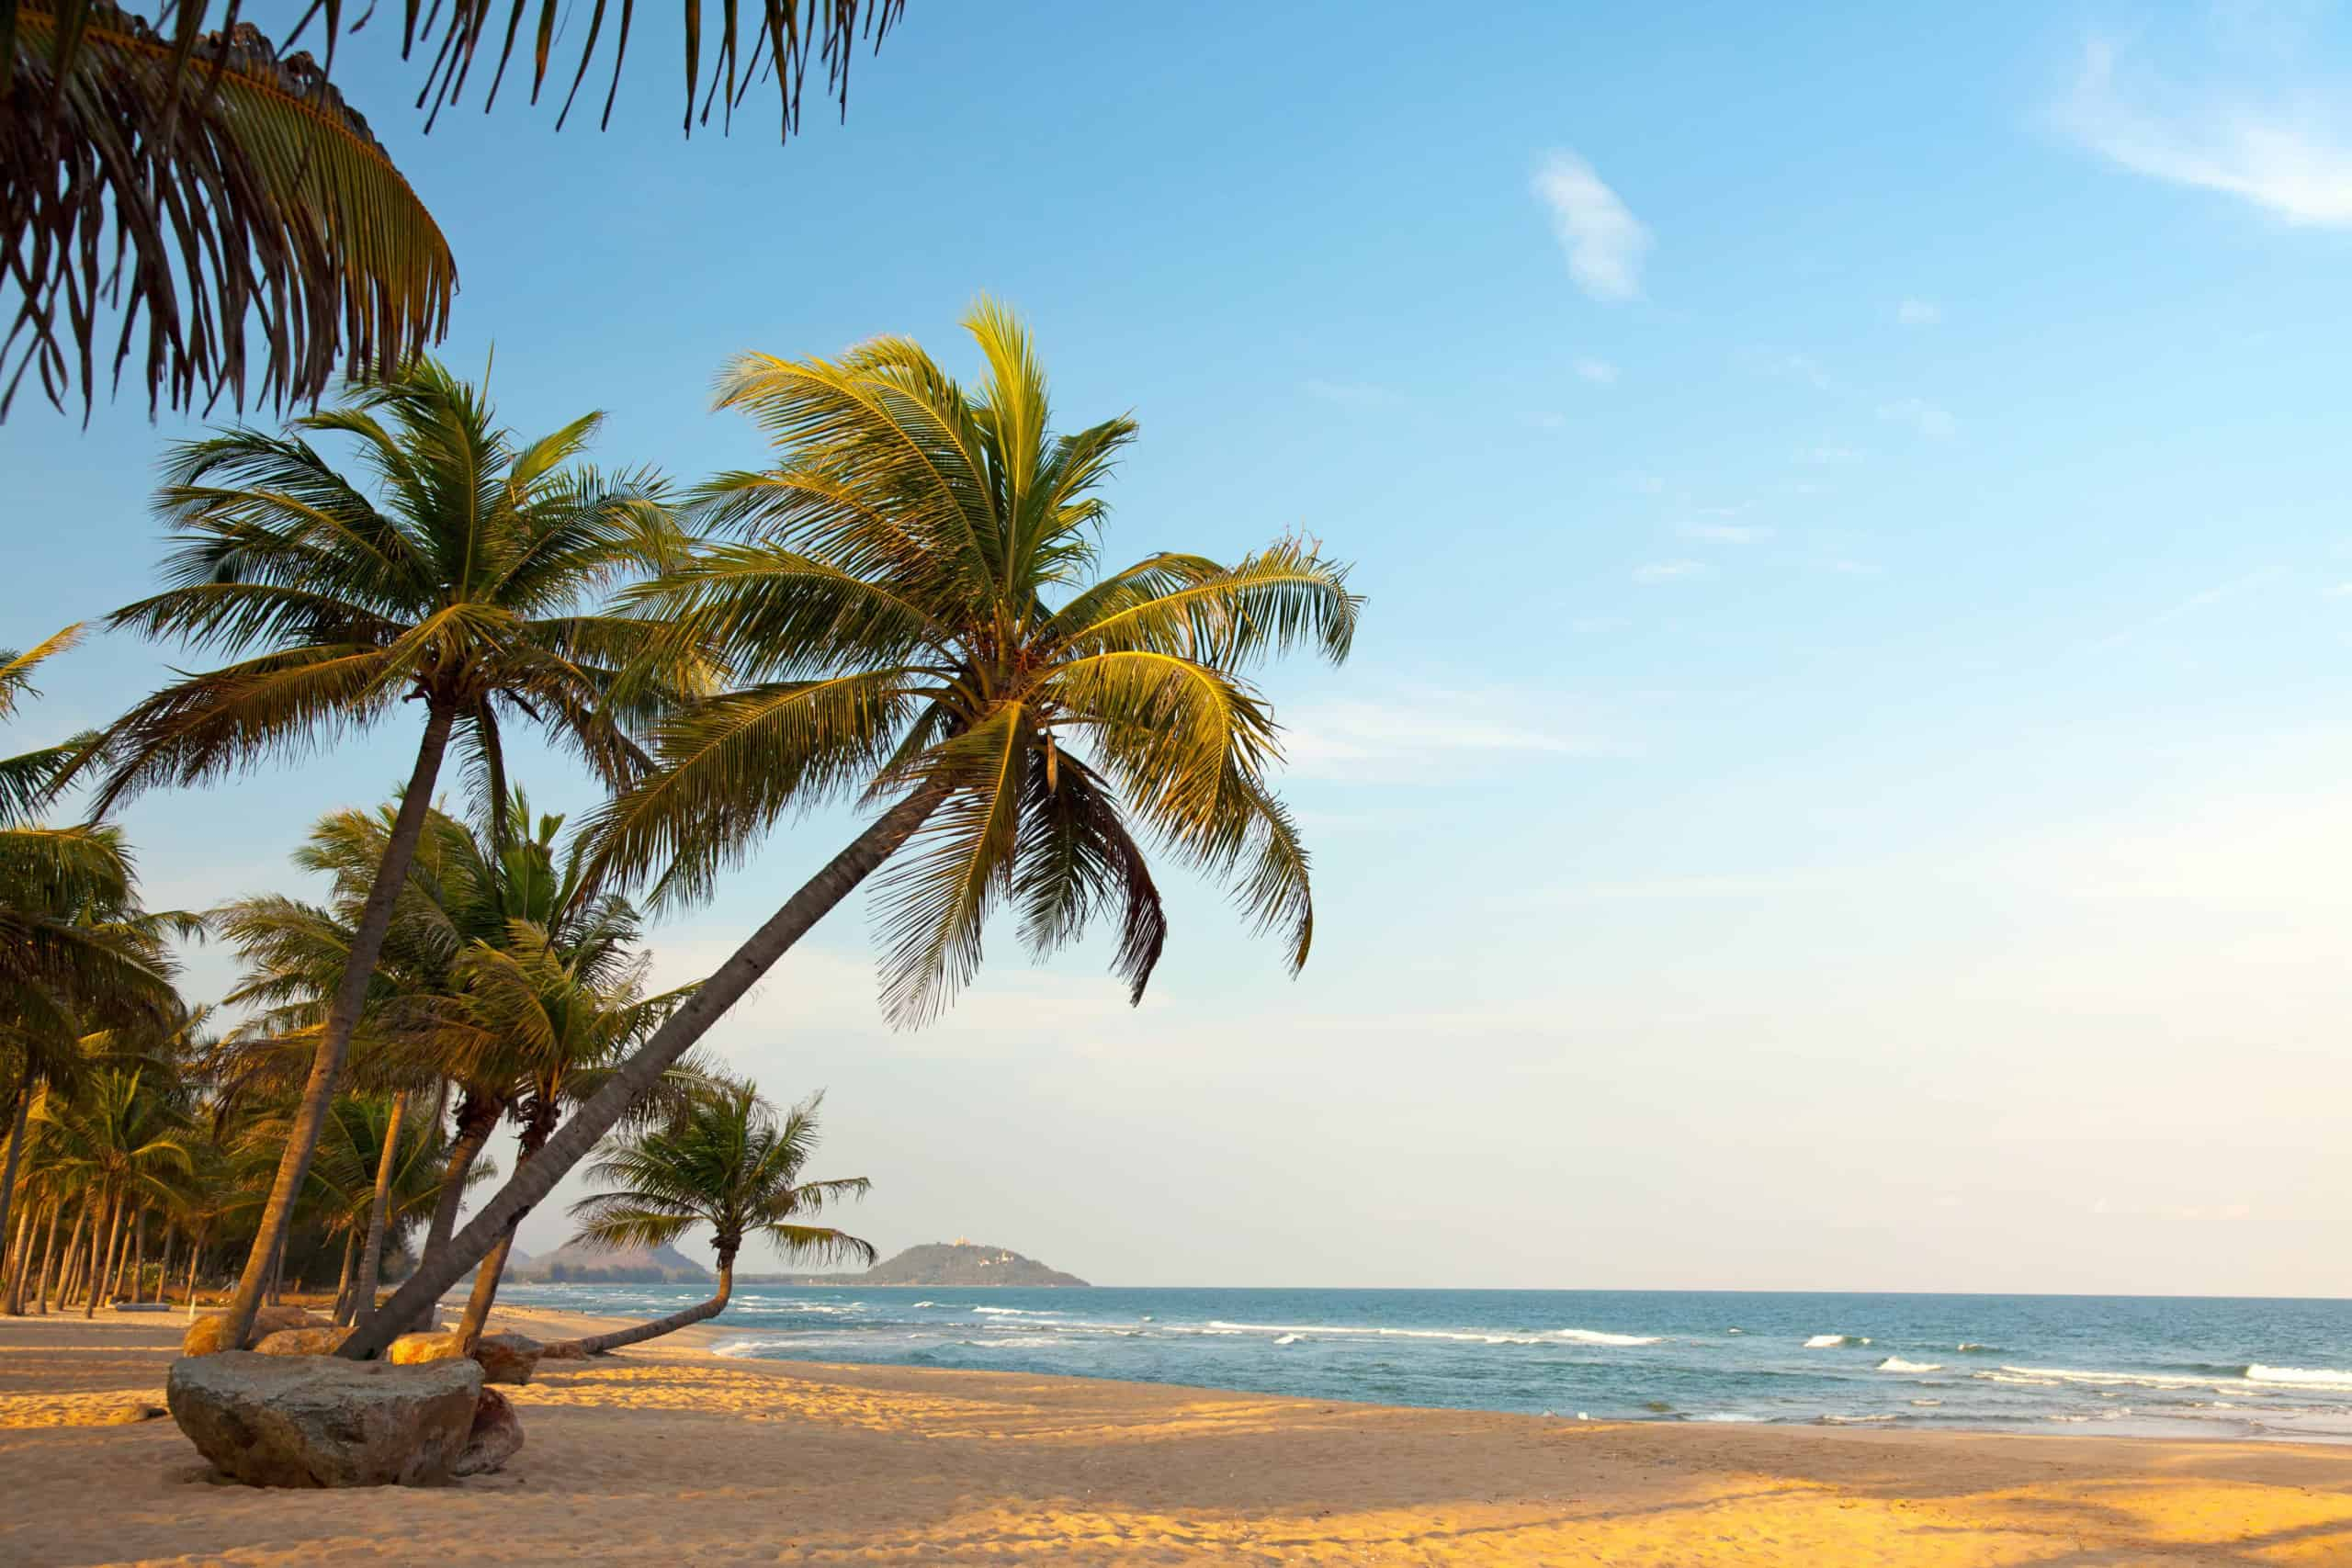 White sand beach in Togo